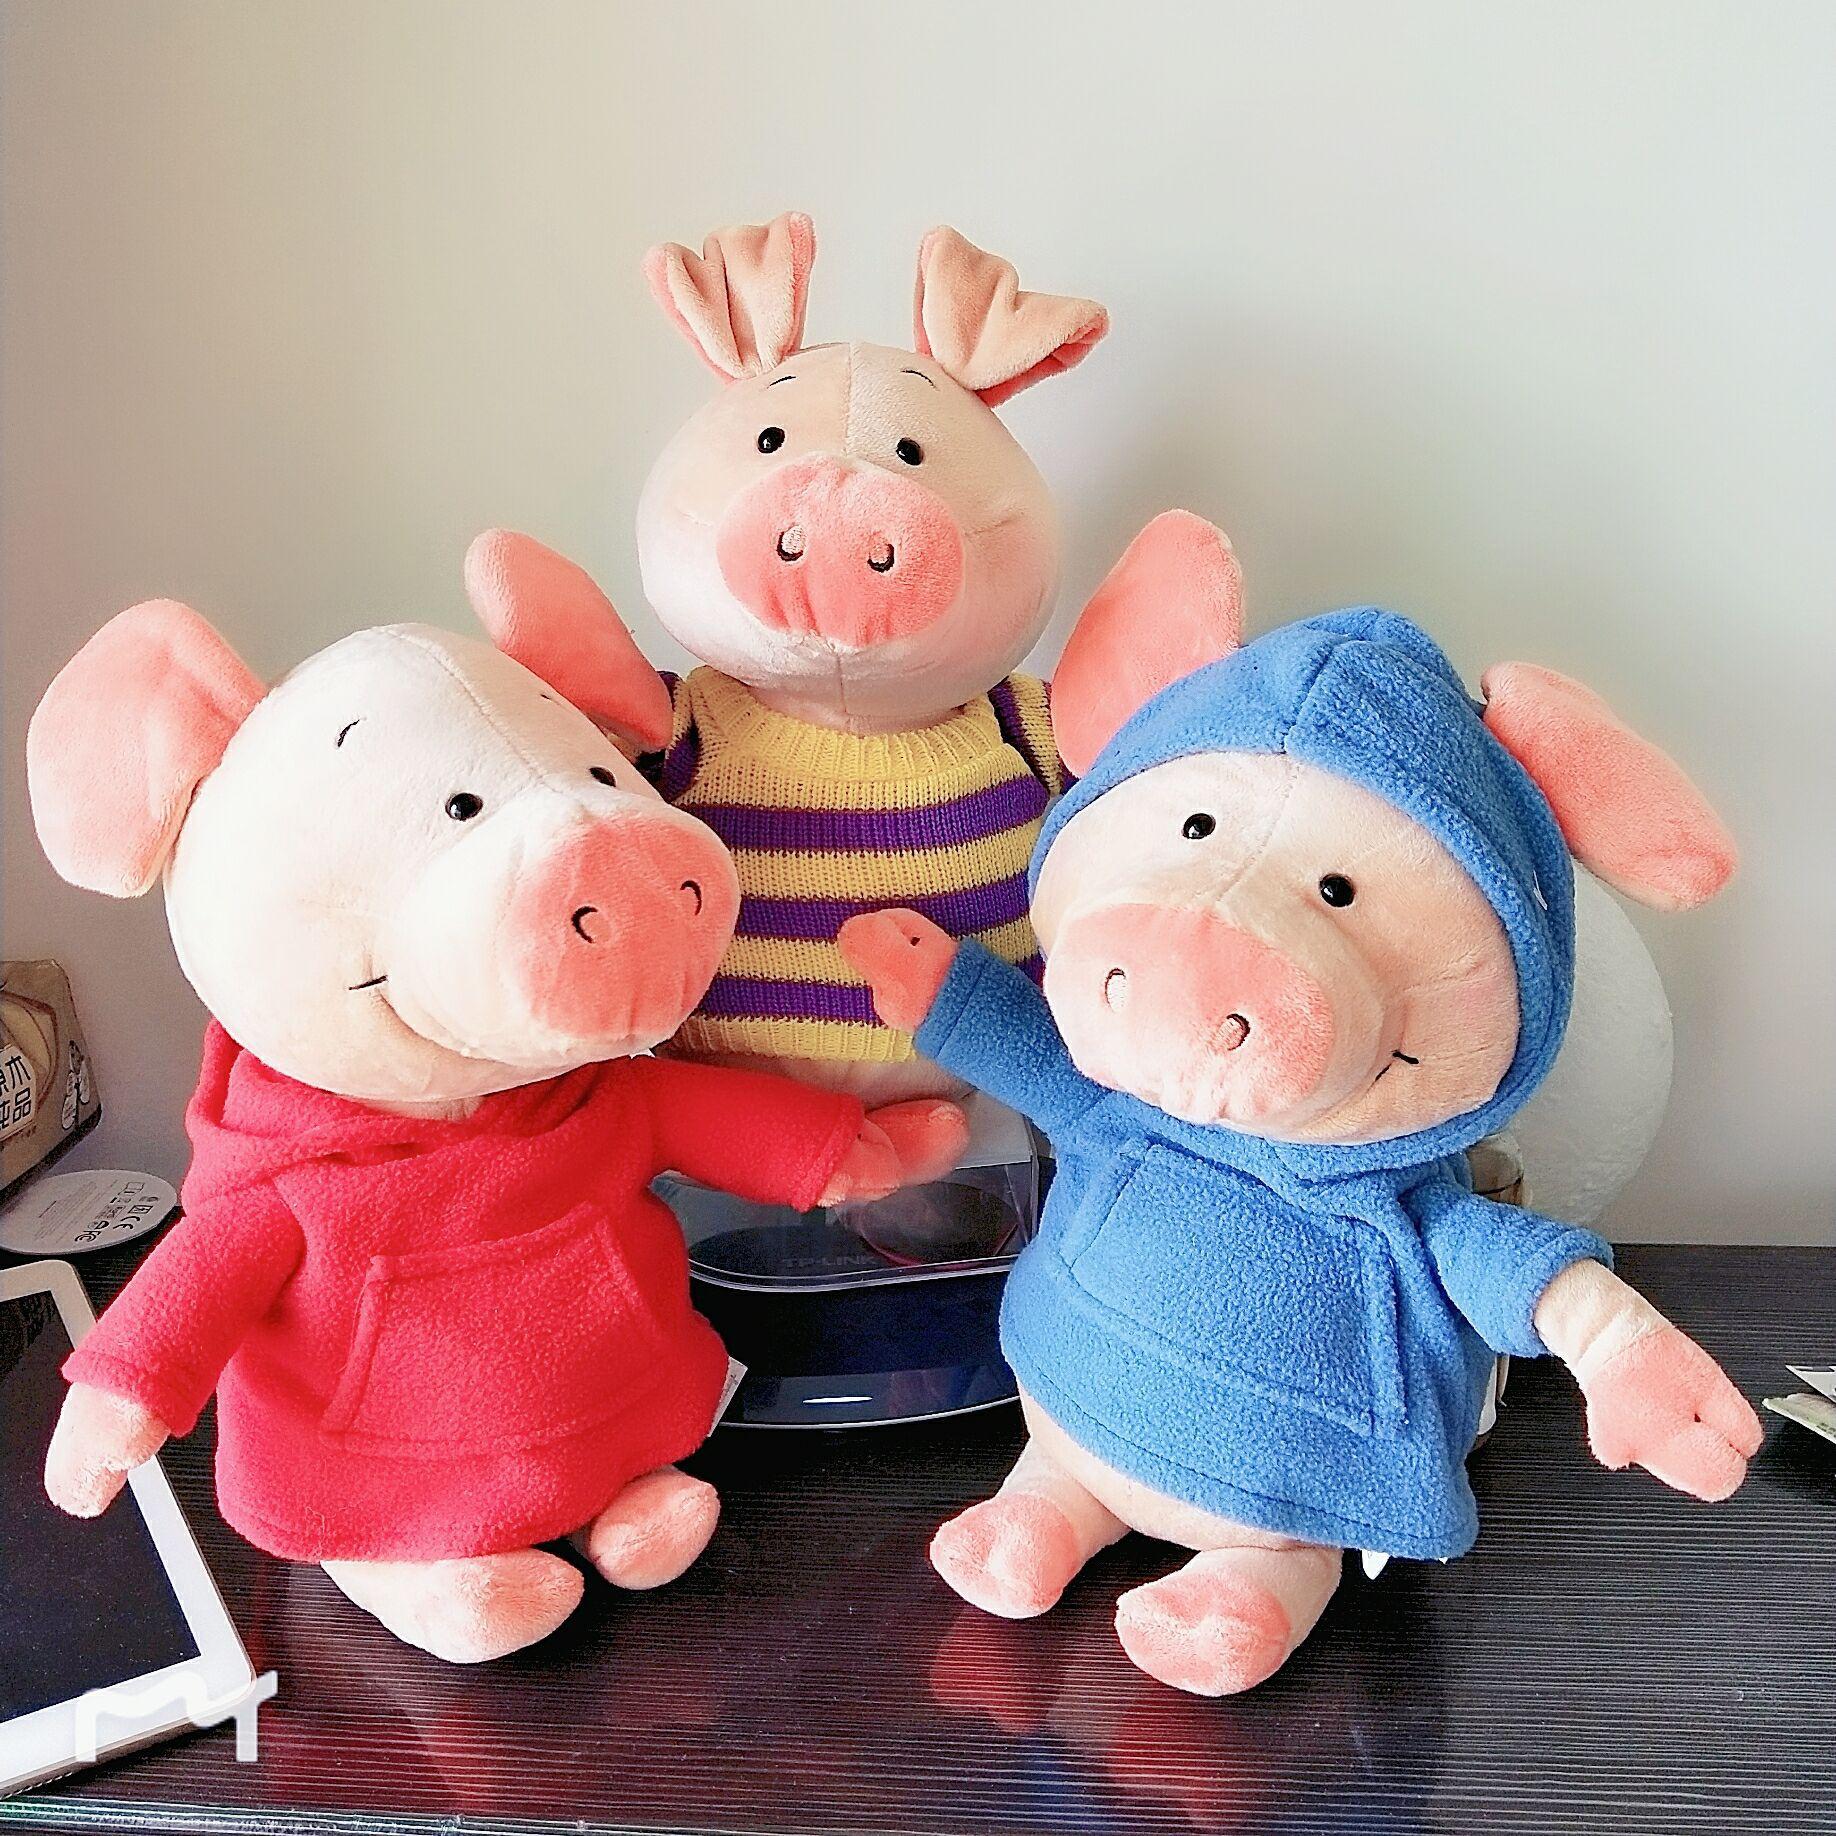 小猪威比动漫卡通猪红蓝衣威比猪毛绒玩具公仔玩偶抓机布娃娃批发